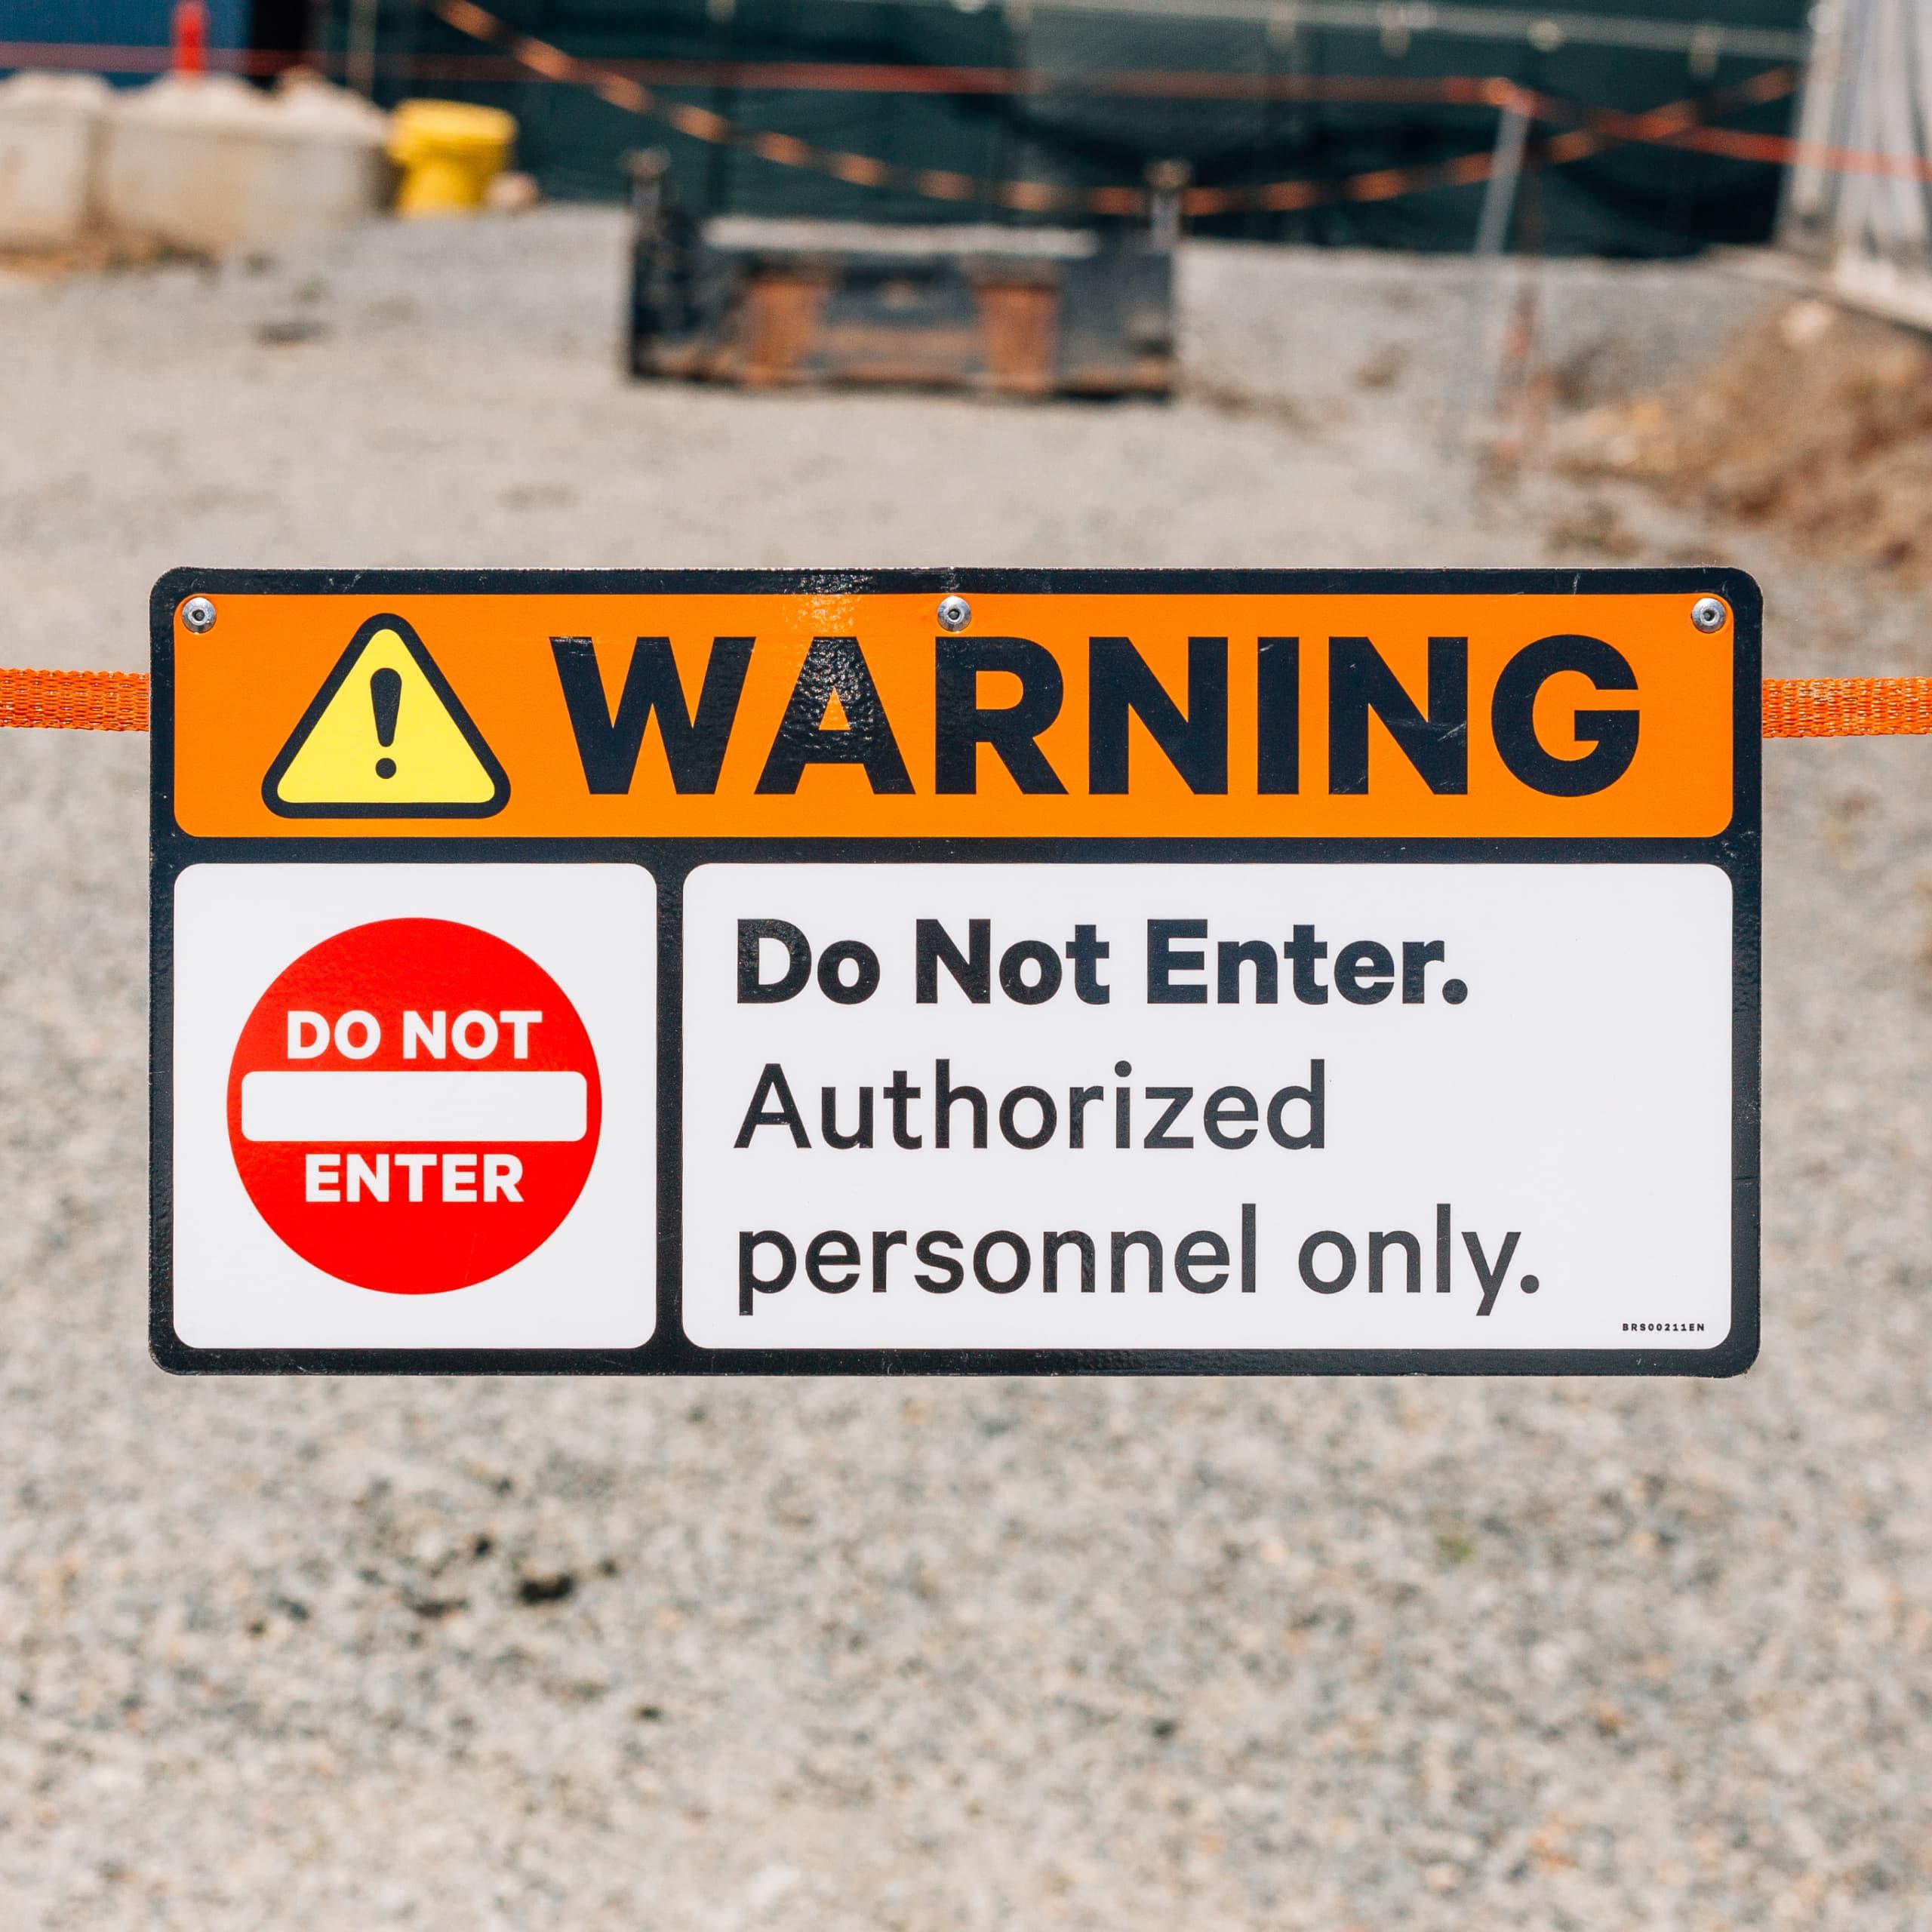 Field kit safety sign